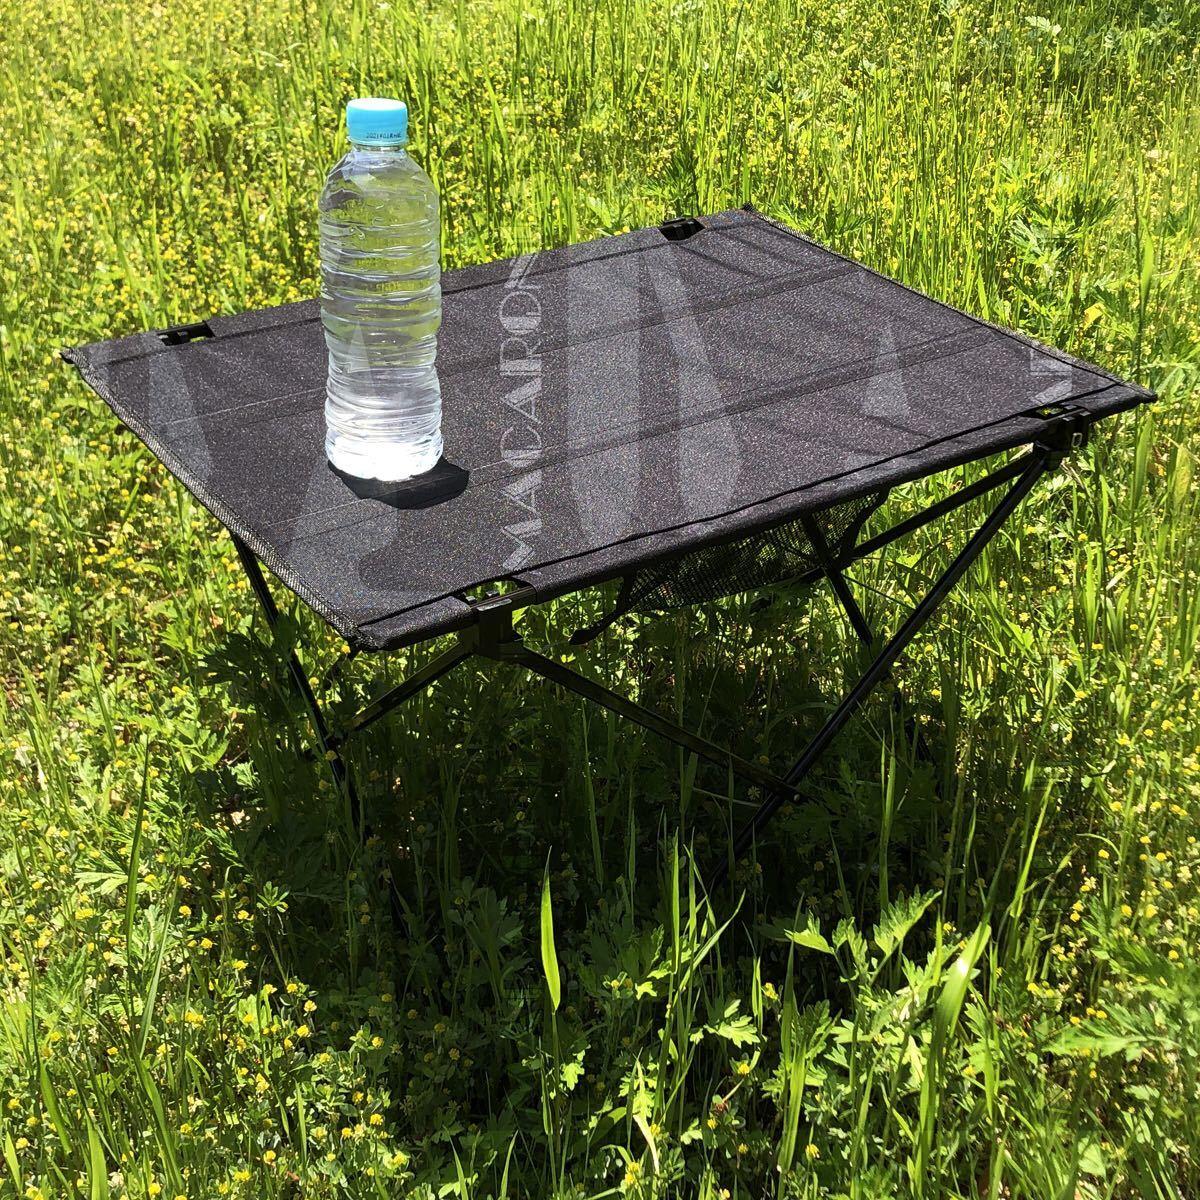 ベージュ アウトドア テーブル 布テーブル 折りたたみ 収納袋付き 軽量 防水